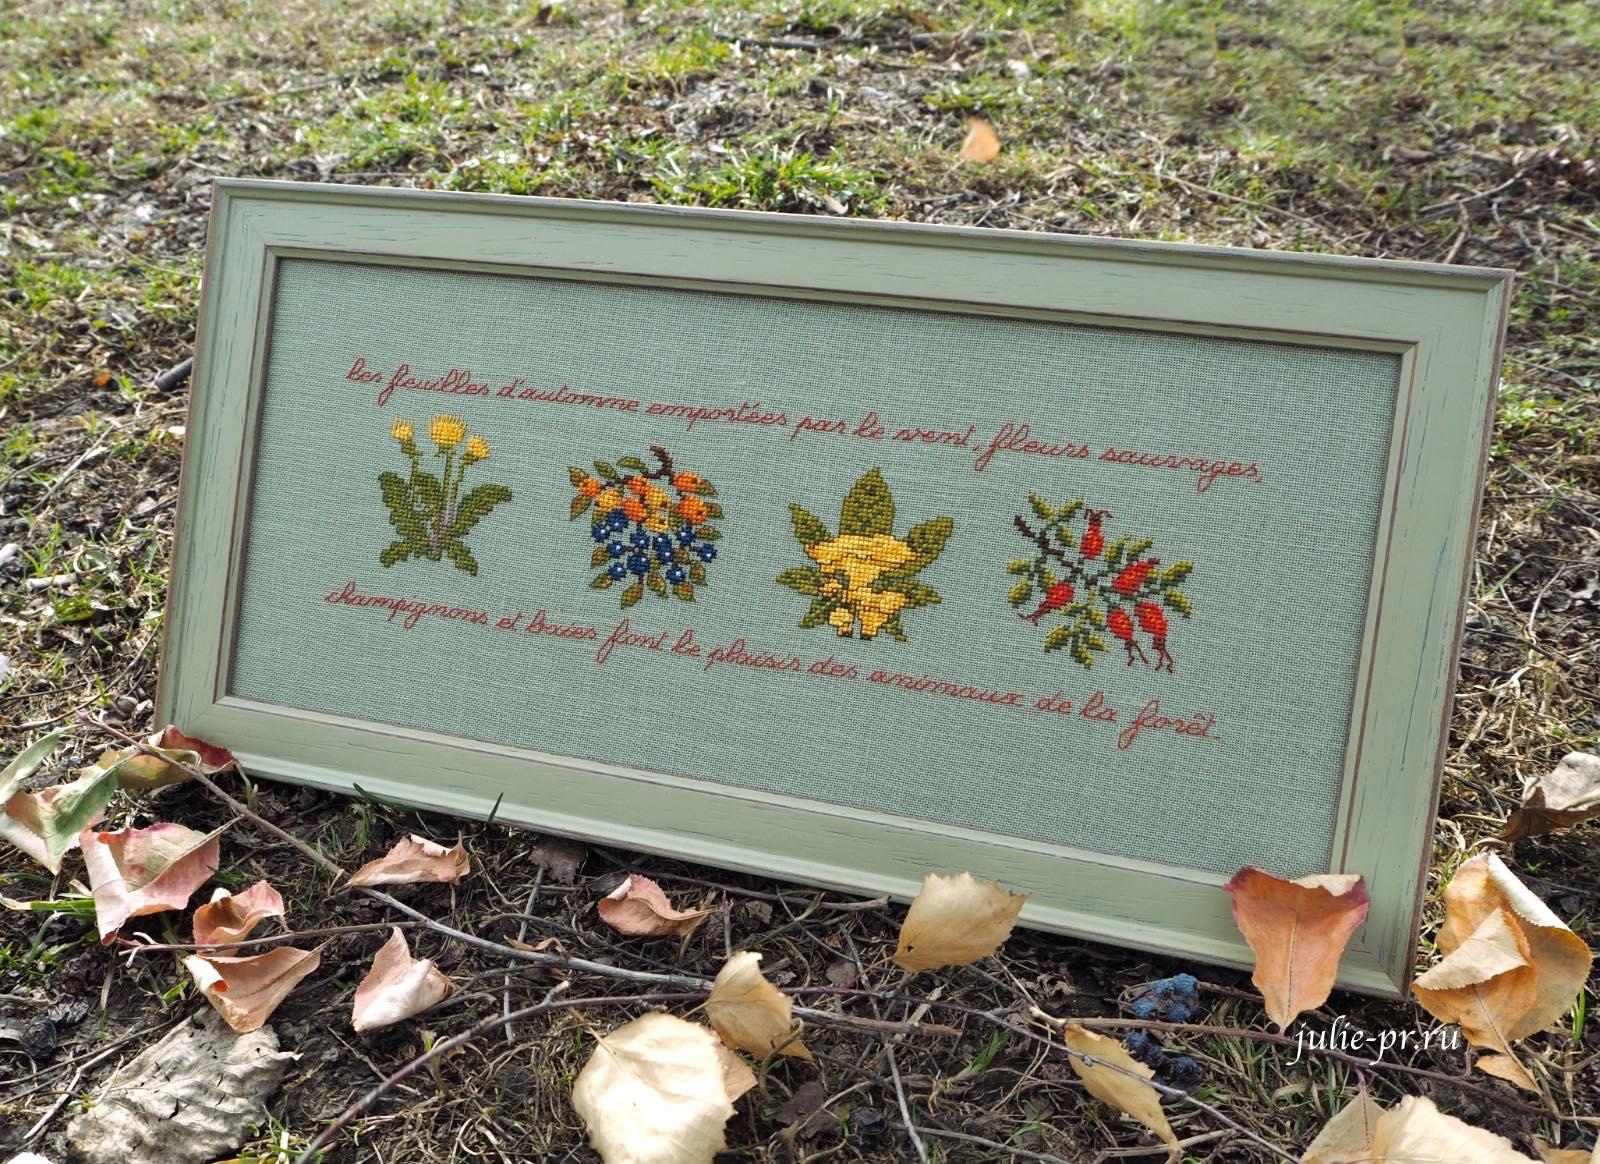 Вышивка крестом Frise d'automne Le bonheur des dames, Дамское счастье, дистанционное оформление вышивки